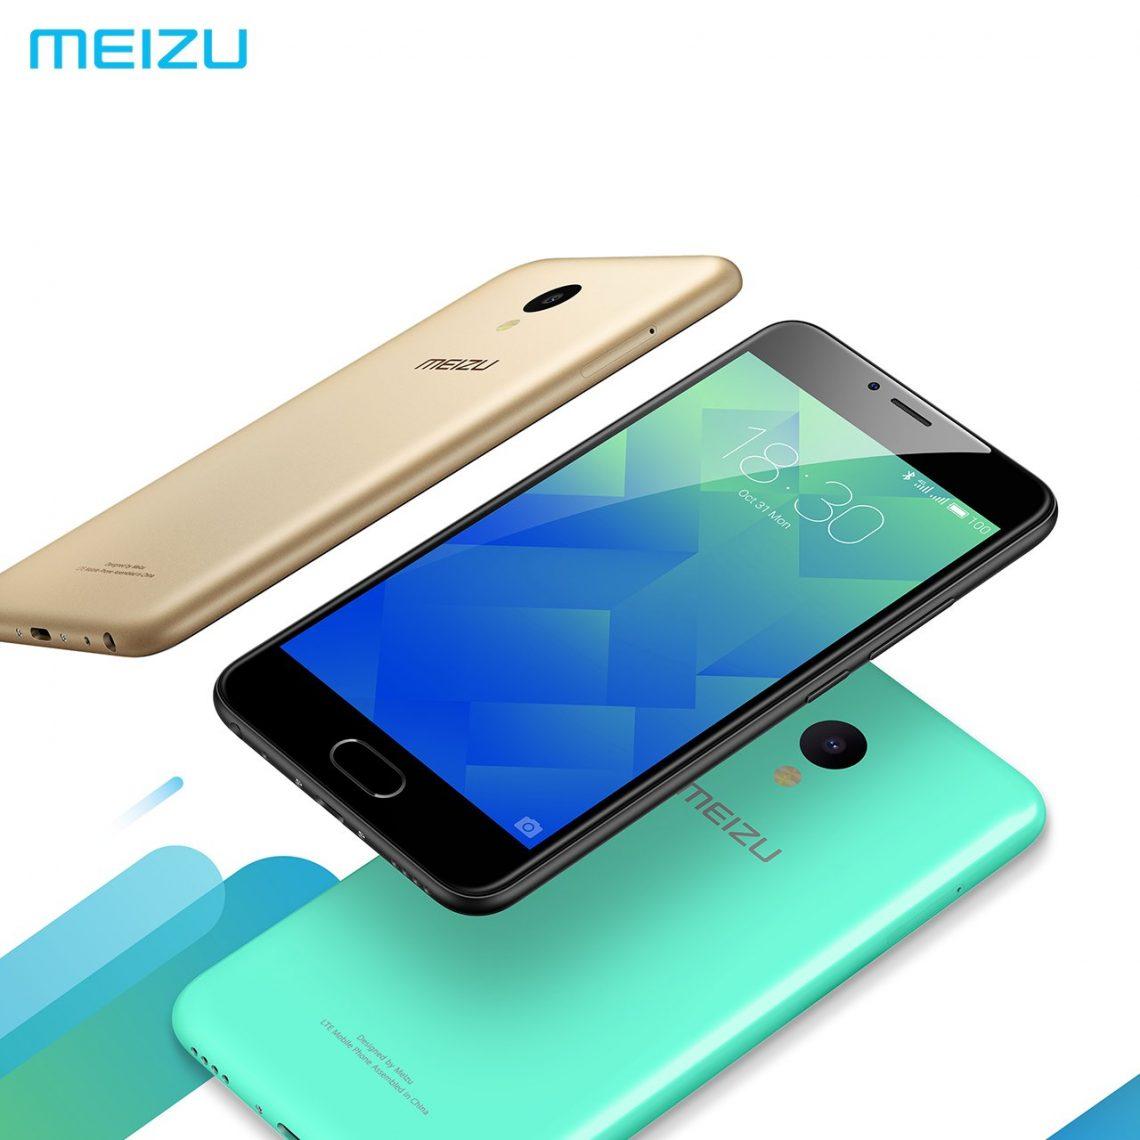 เปิดตัว Meizu M5 สมาร์ทโฟนสีแหวกแนว หน้าจอ 5.2 นิ้ว HD แรม 3 GB รอม 32 GB กล้อง 13 ล้าน ในราคาเริ่มต้น 3,600 บาท !!